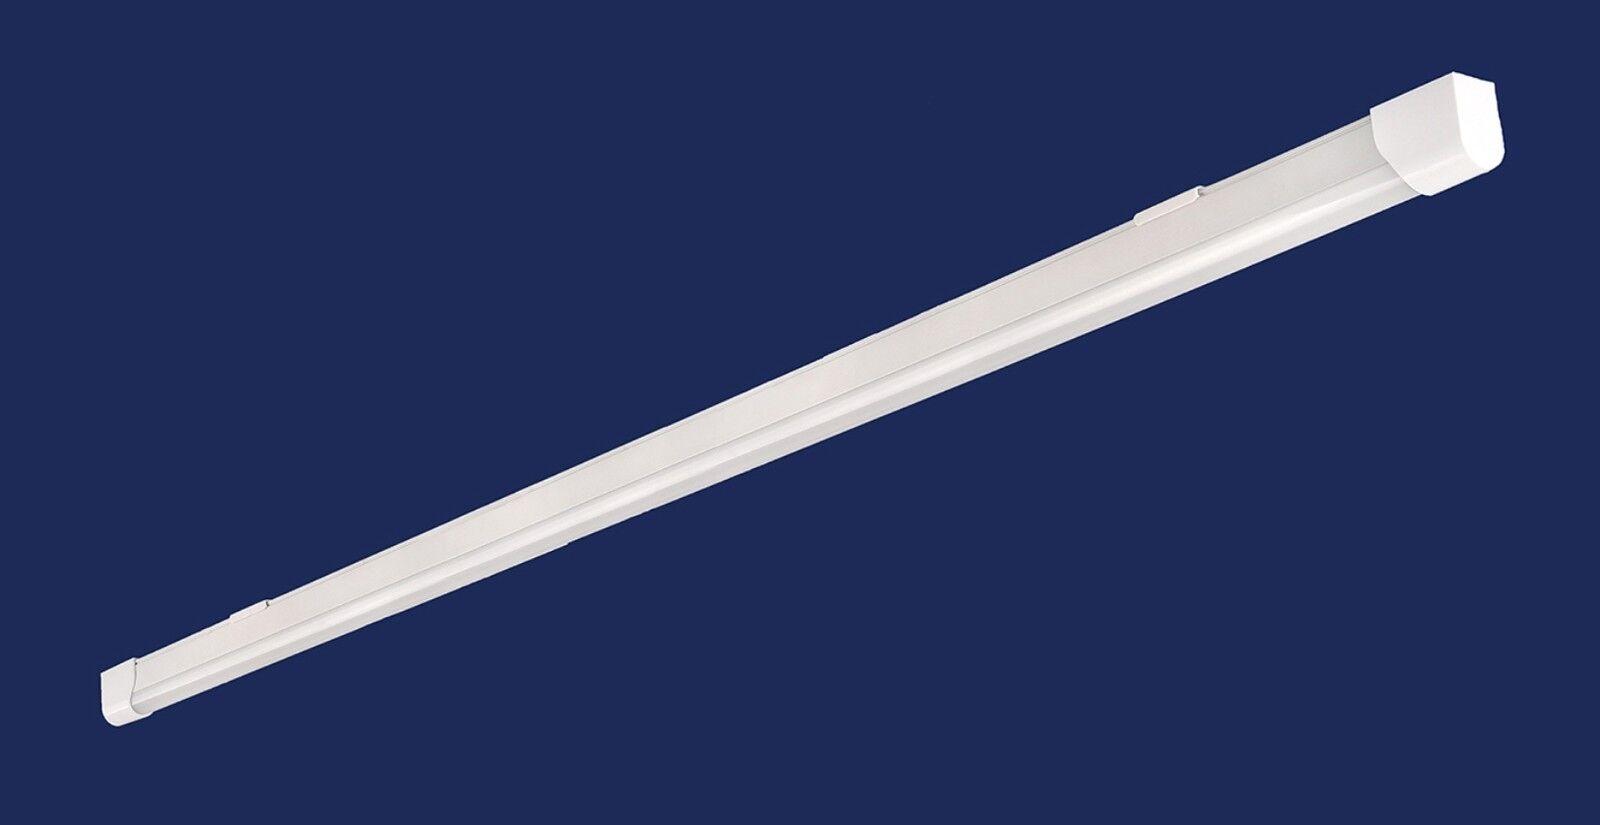 LED Super helle Leuchte Lichtleiste Lampe 123   150 cm